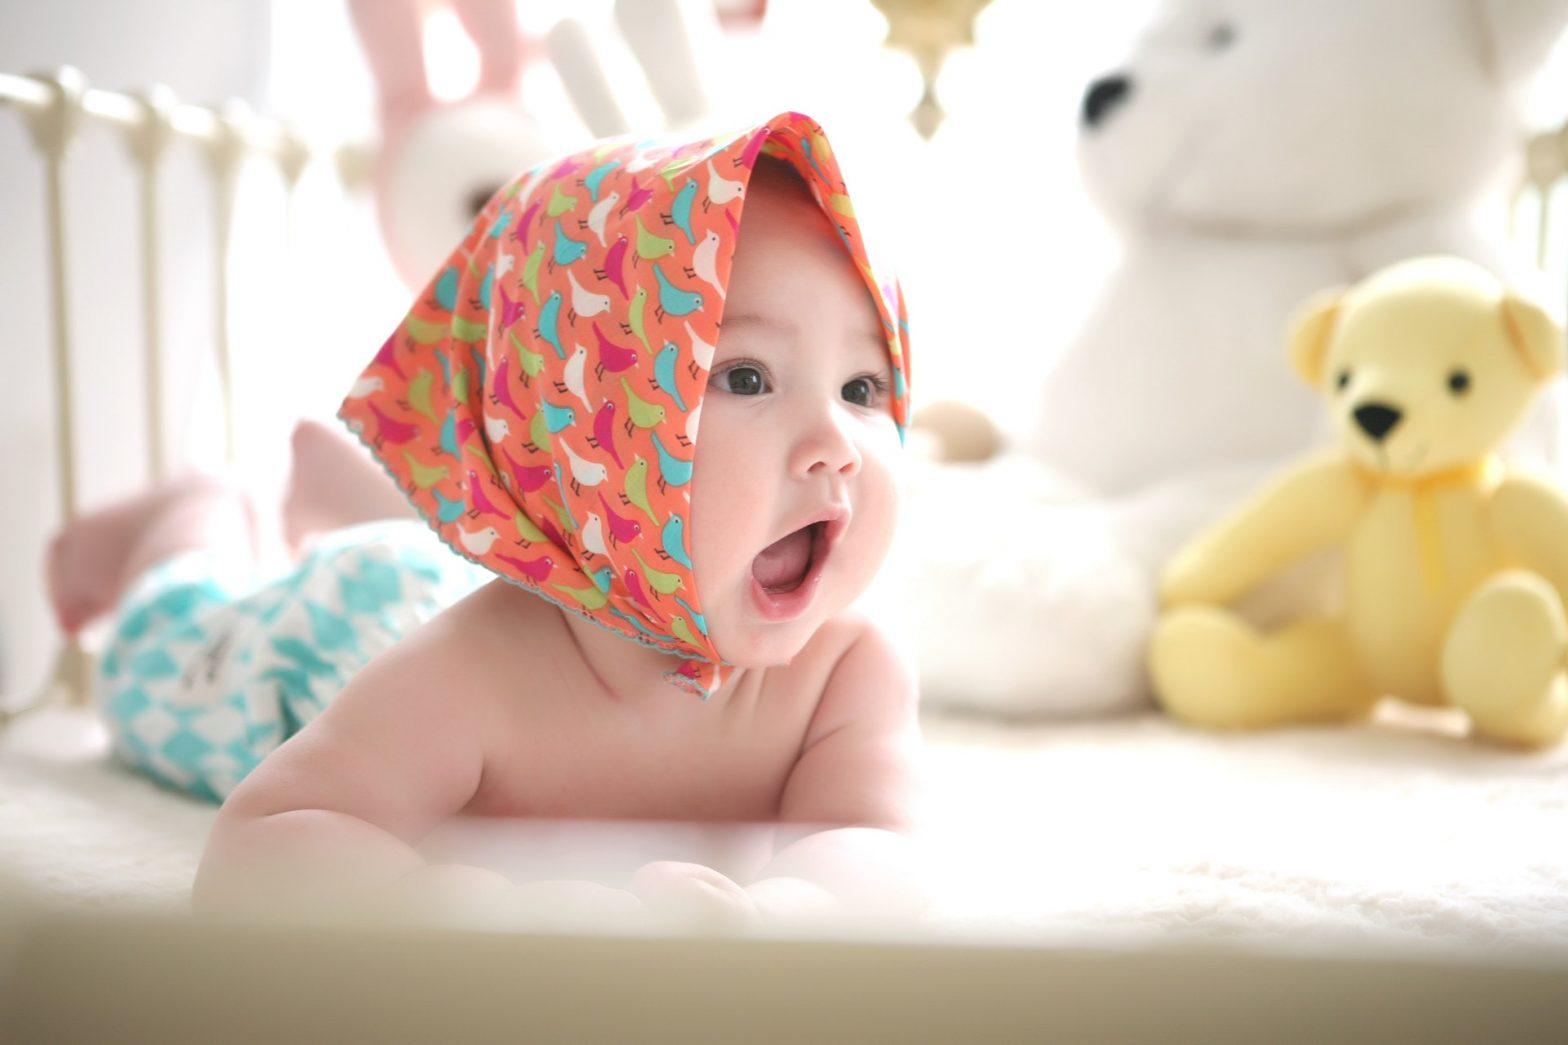 bebe veut sa tétine grignoteuse